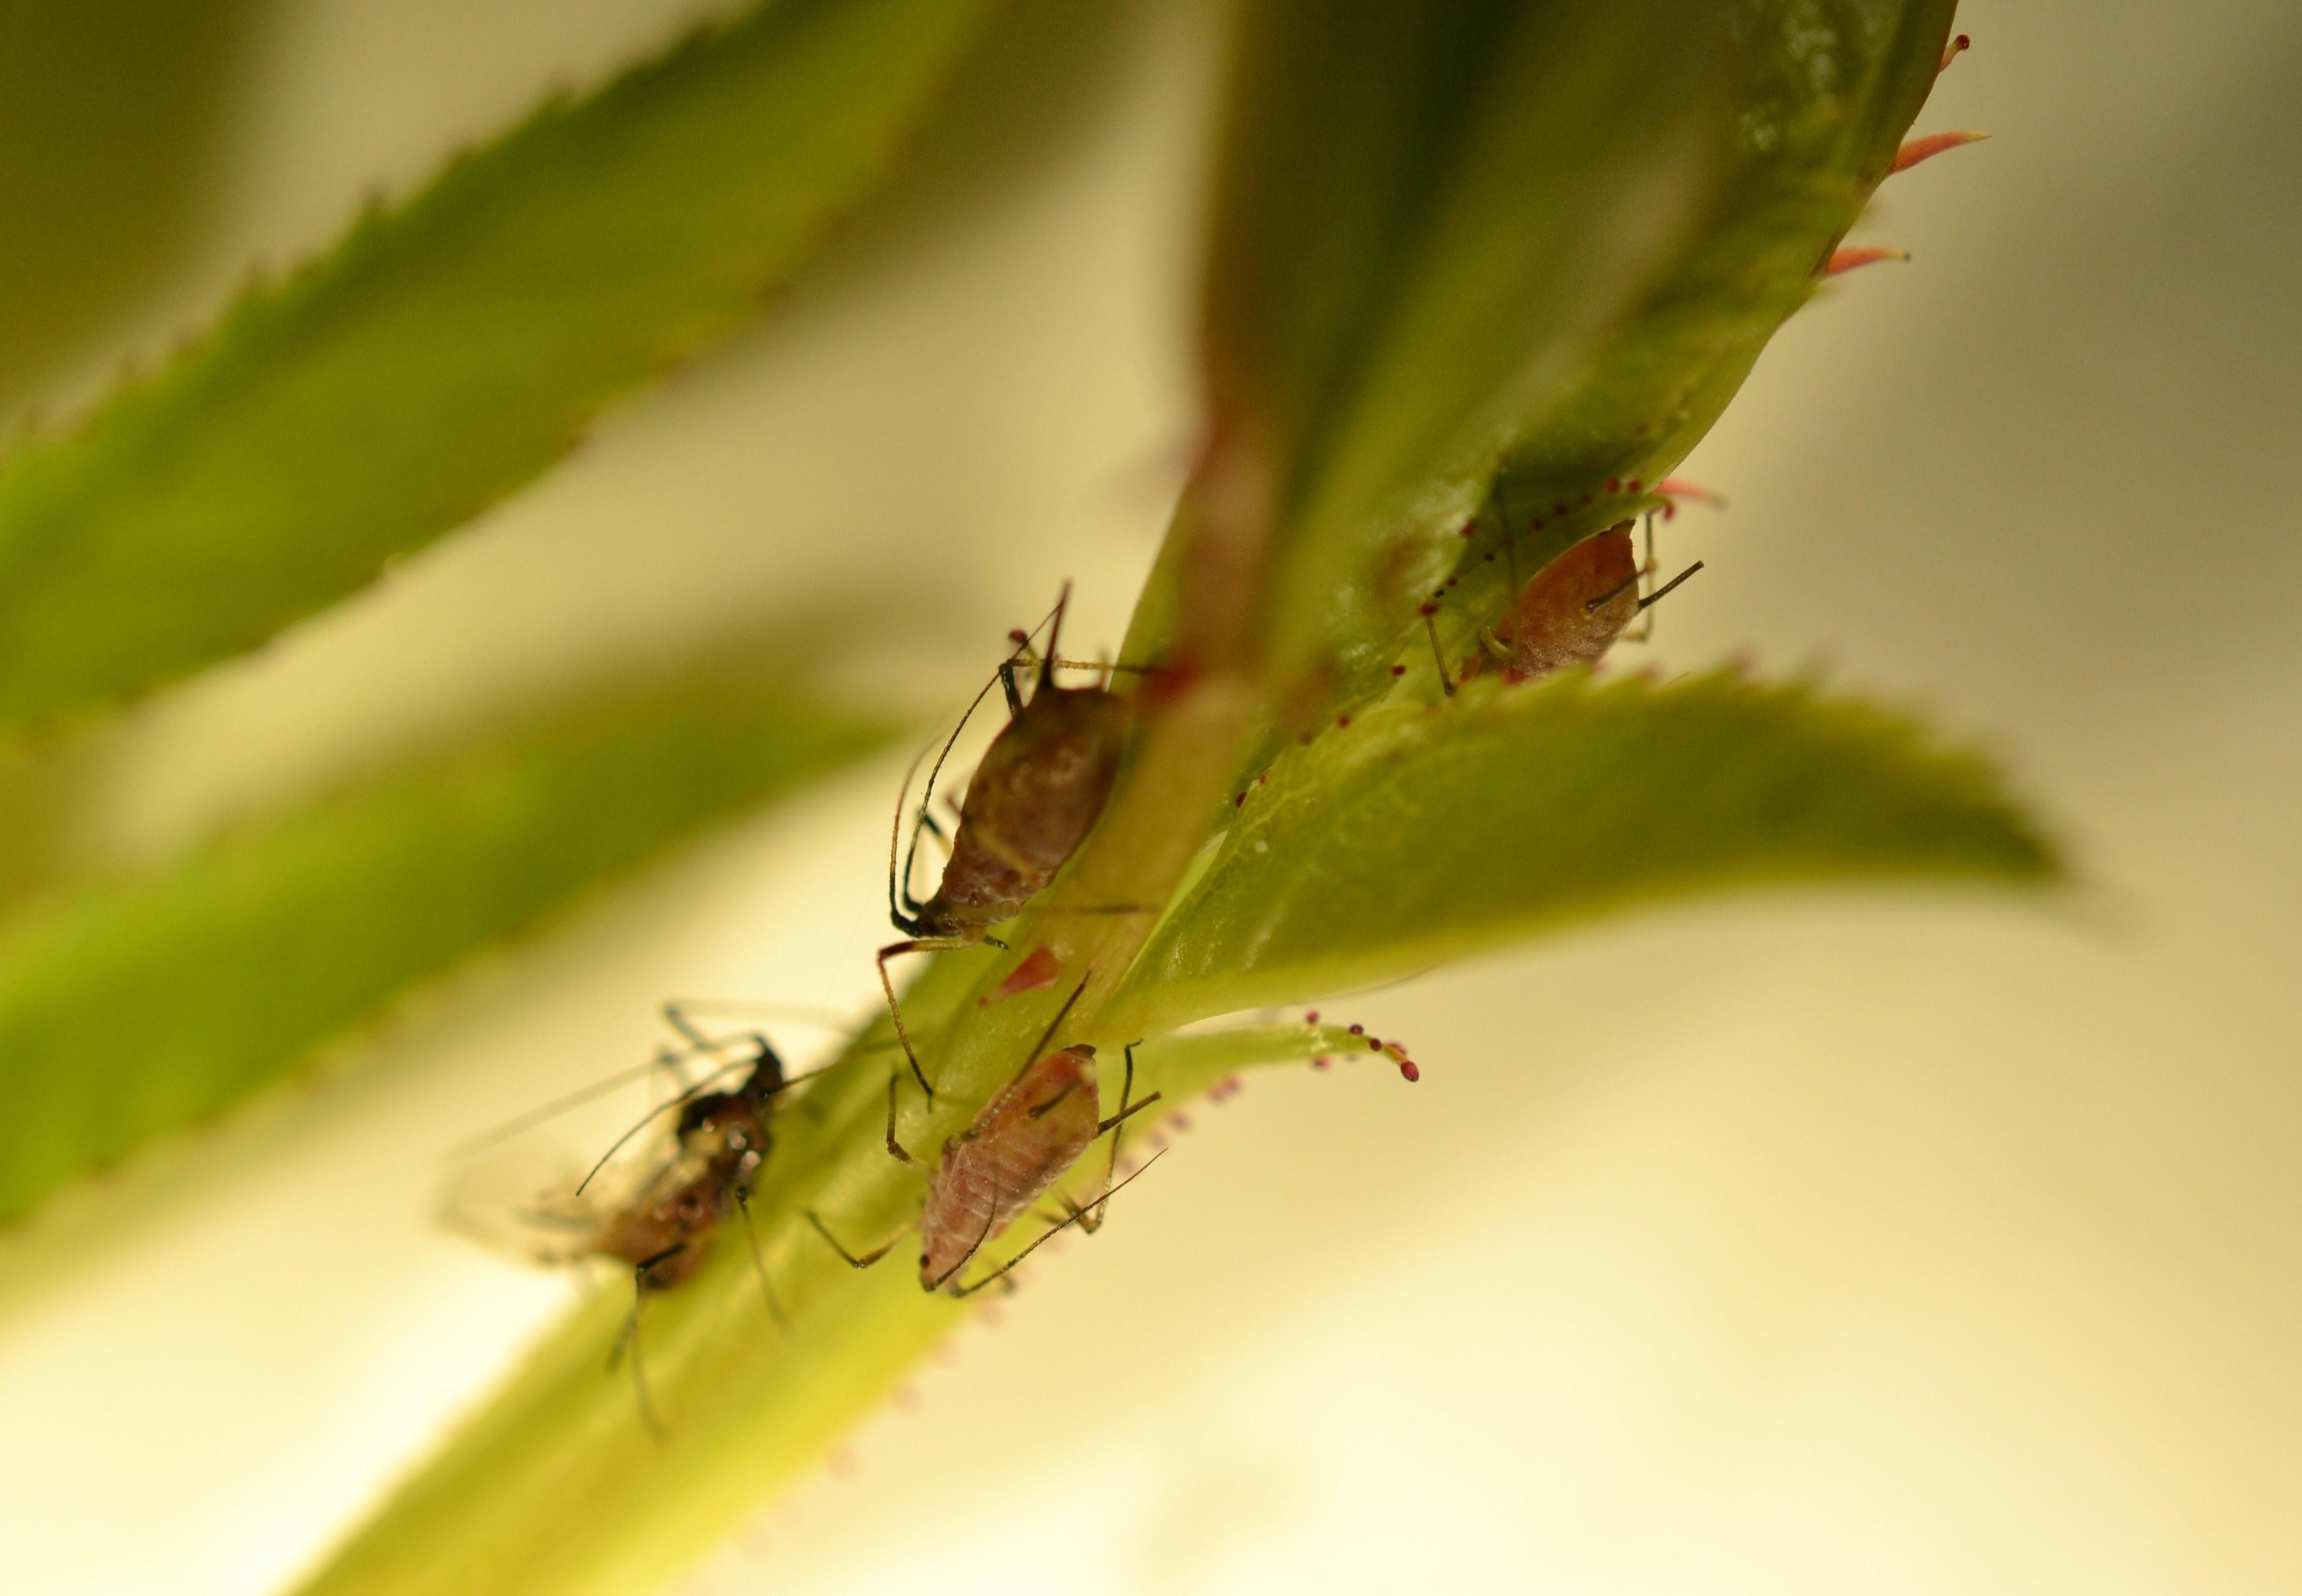 Pidocchi delle rose parassiti delle piante come curare for Pidocchi rose bicarbonato